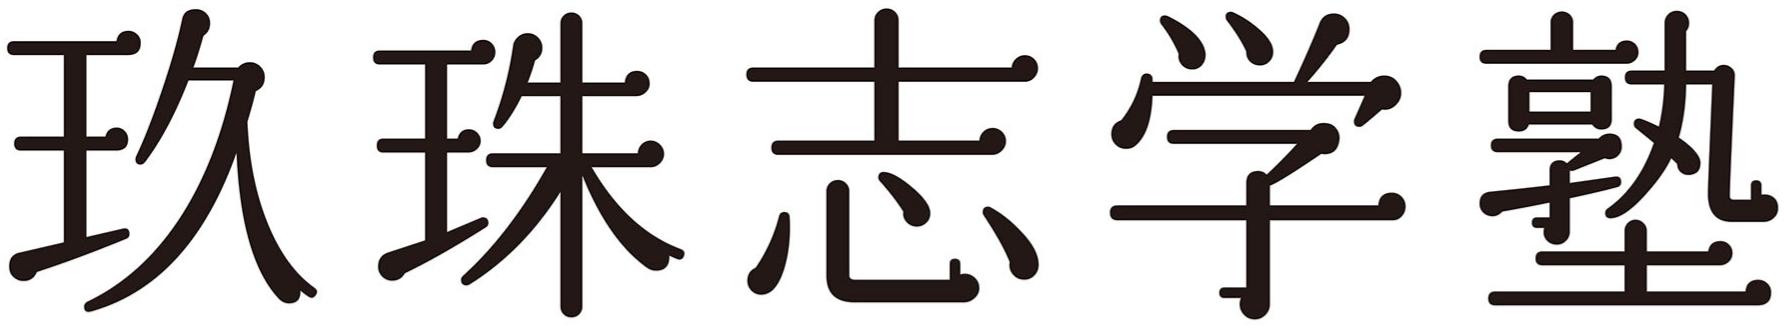 公営塾「玖珠志学塾」 | 玖珠美山高校生の可能性を広げる学習塾